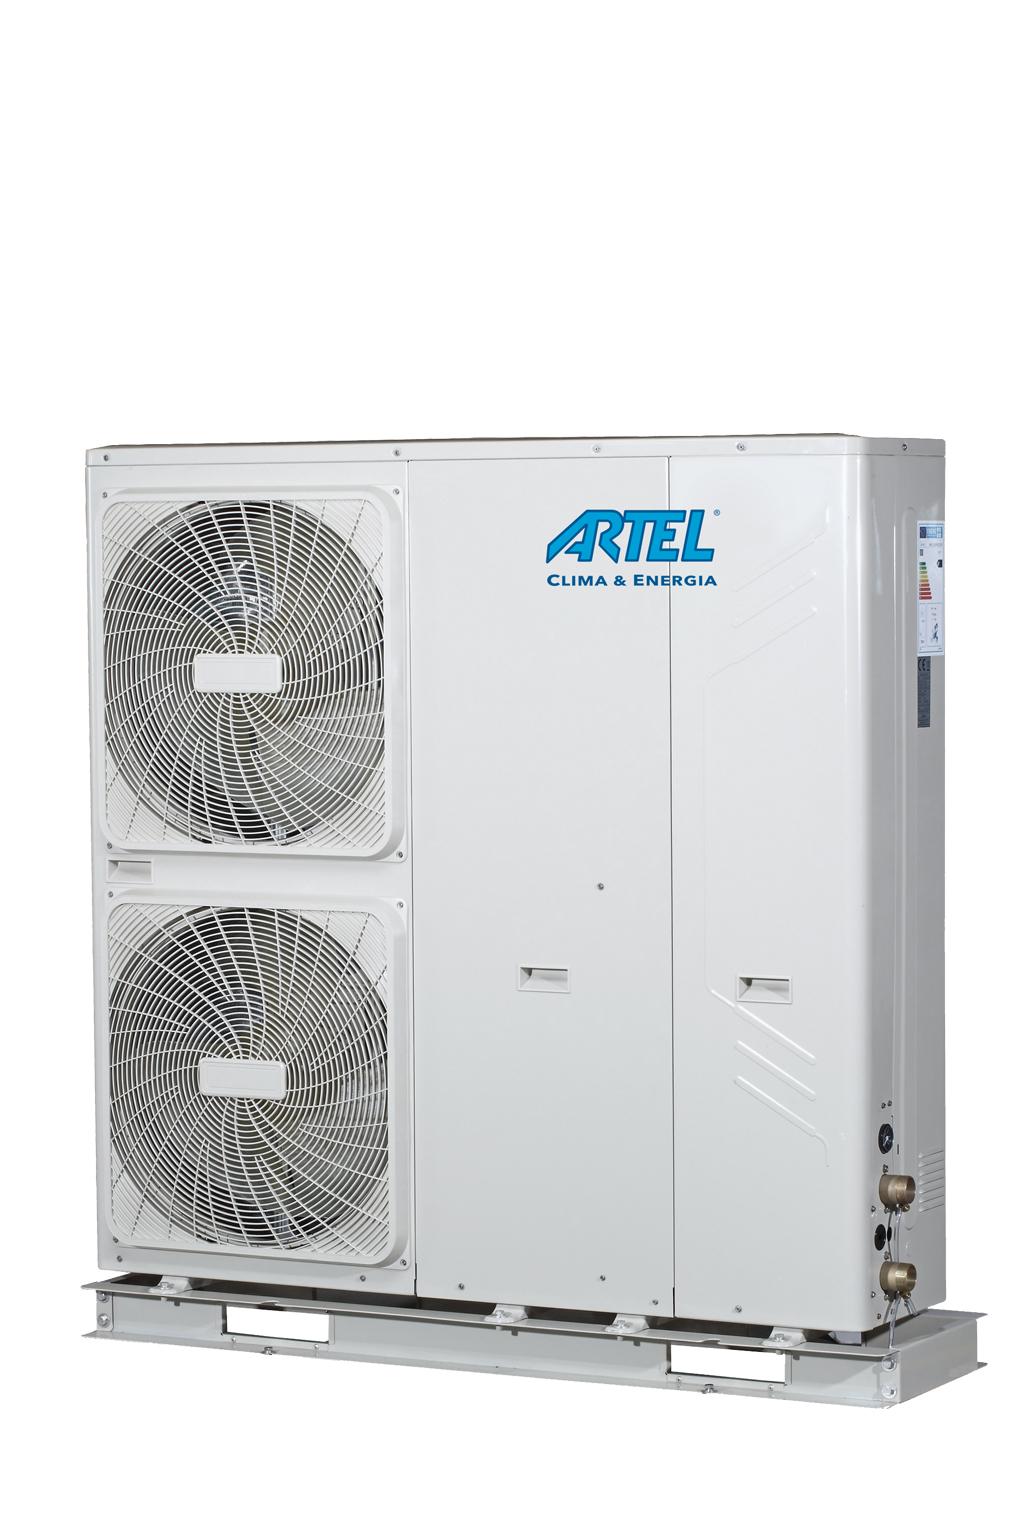 Warmtepomp Monoblock - 12 kW 1ph